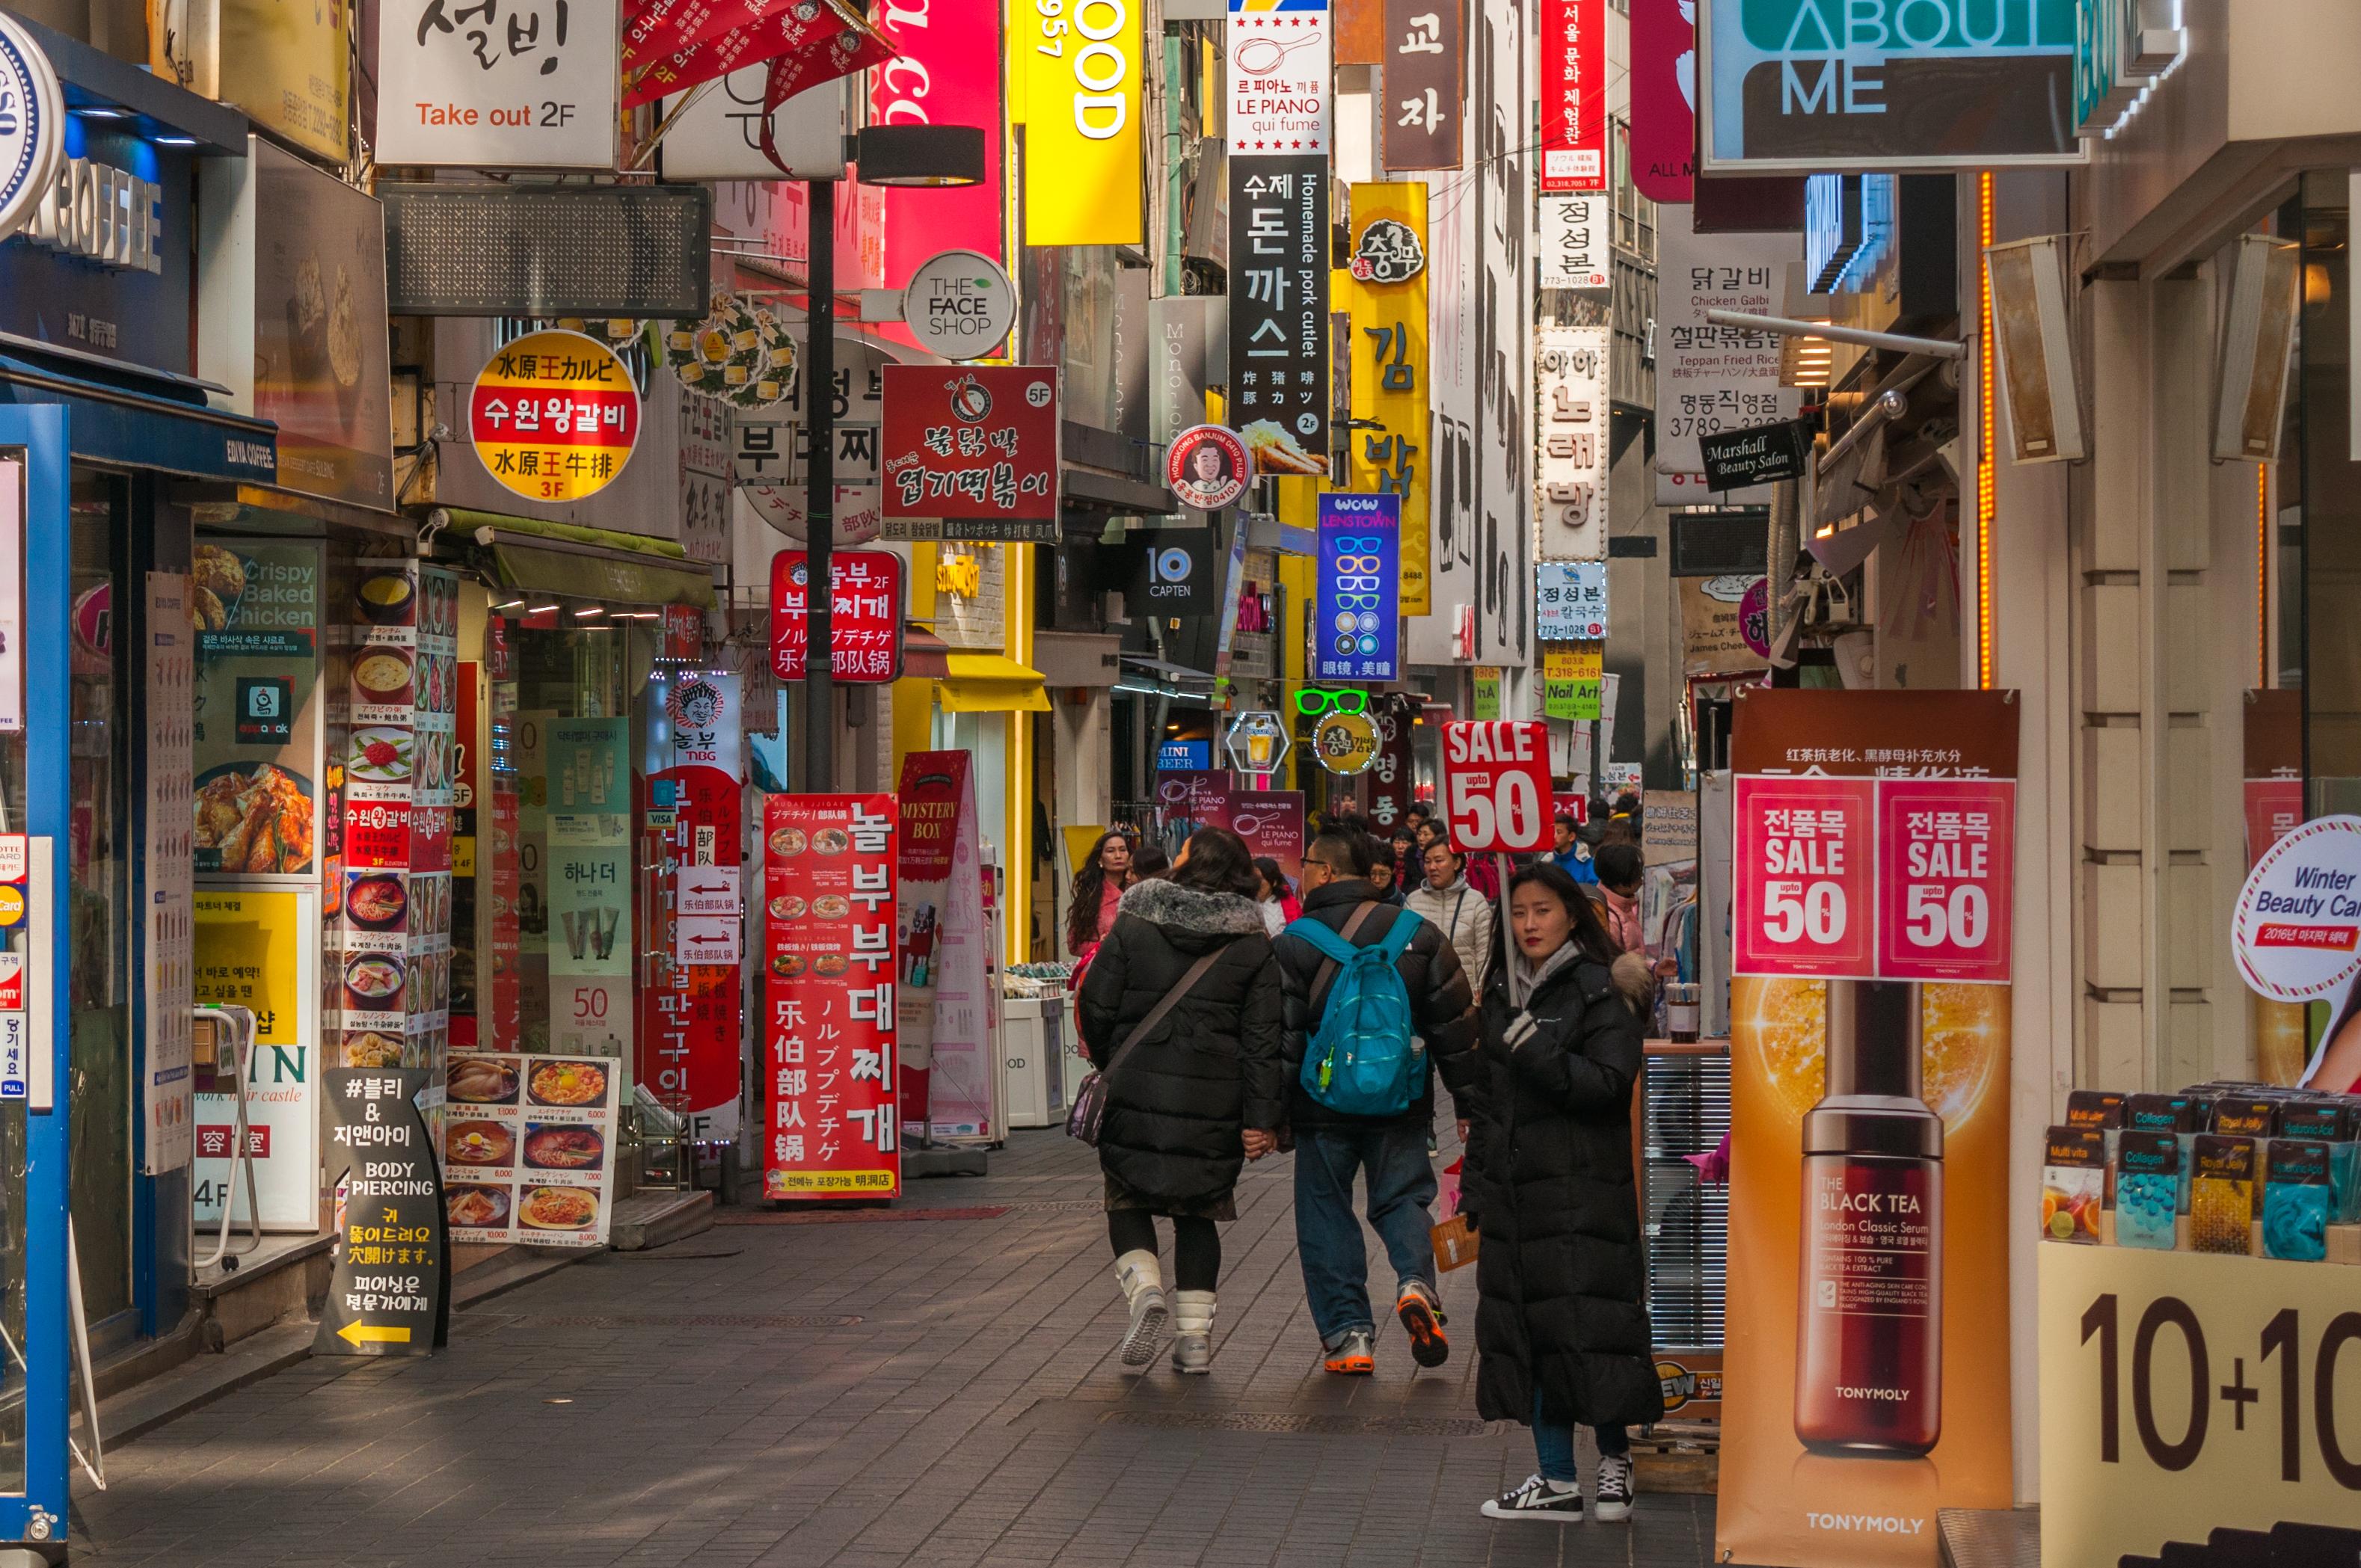 сЕУЛ Тем временем в Сеуле: о переезде украинской семьи в Южную Корею DSC2267